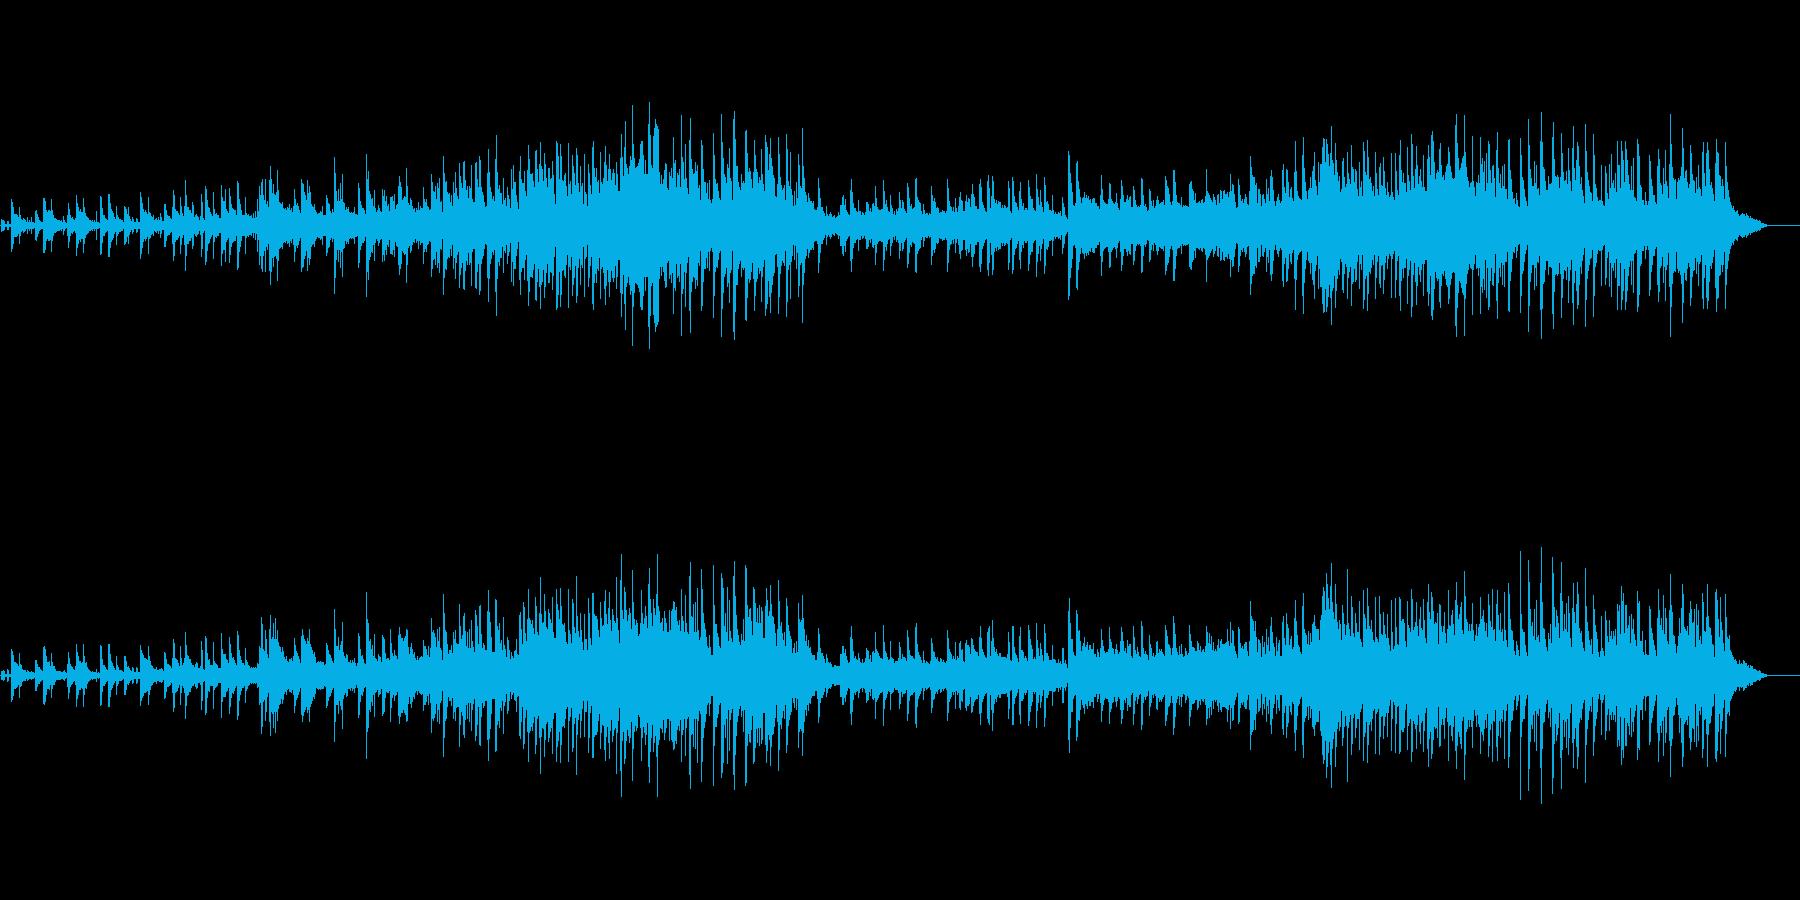 じっくり聴かせる洋楽風スロー・バラードの再生済みの波形